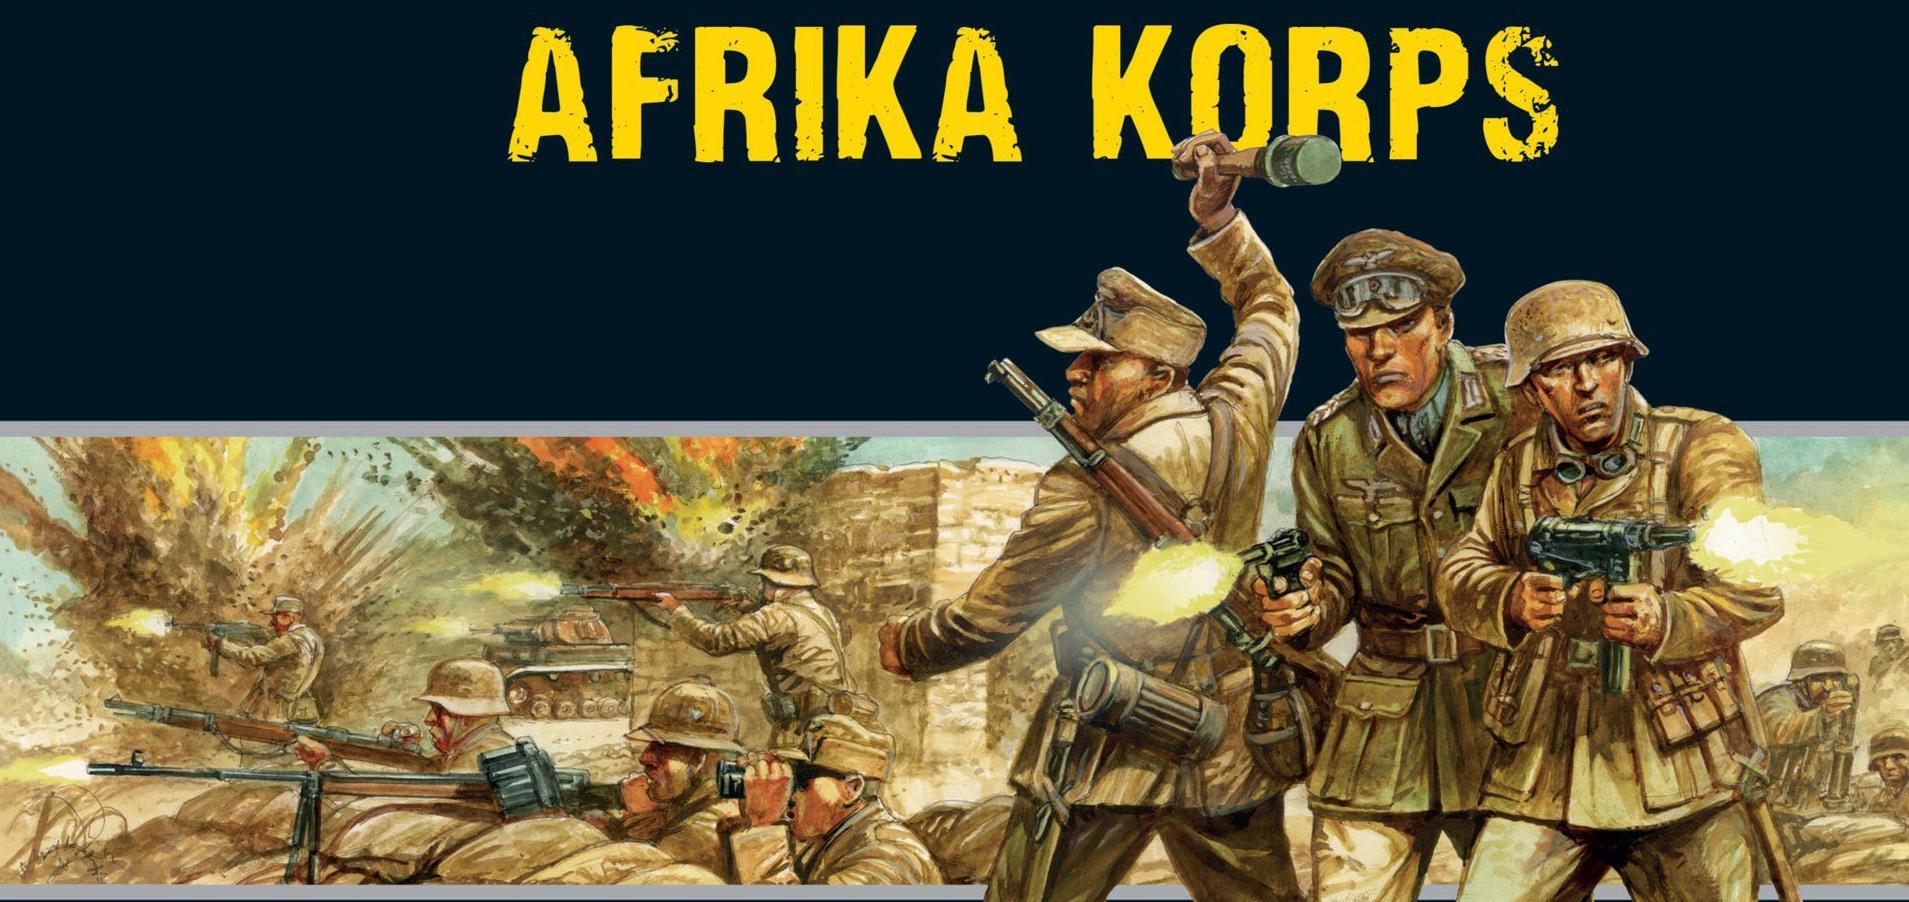 afrika-korps-header.jpg